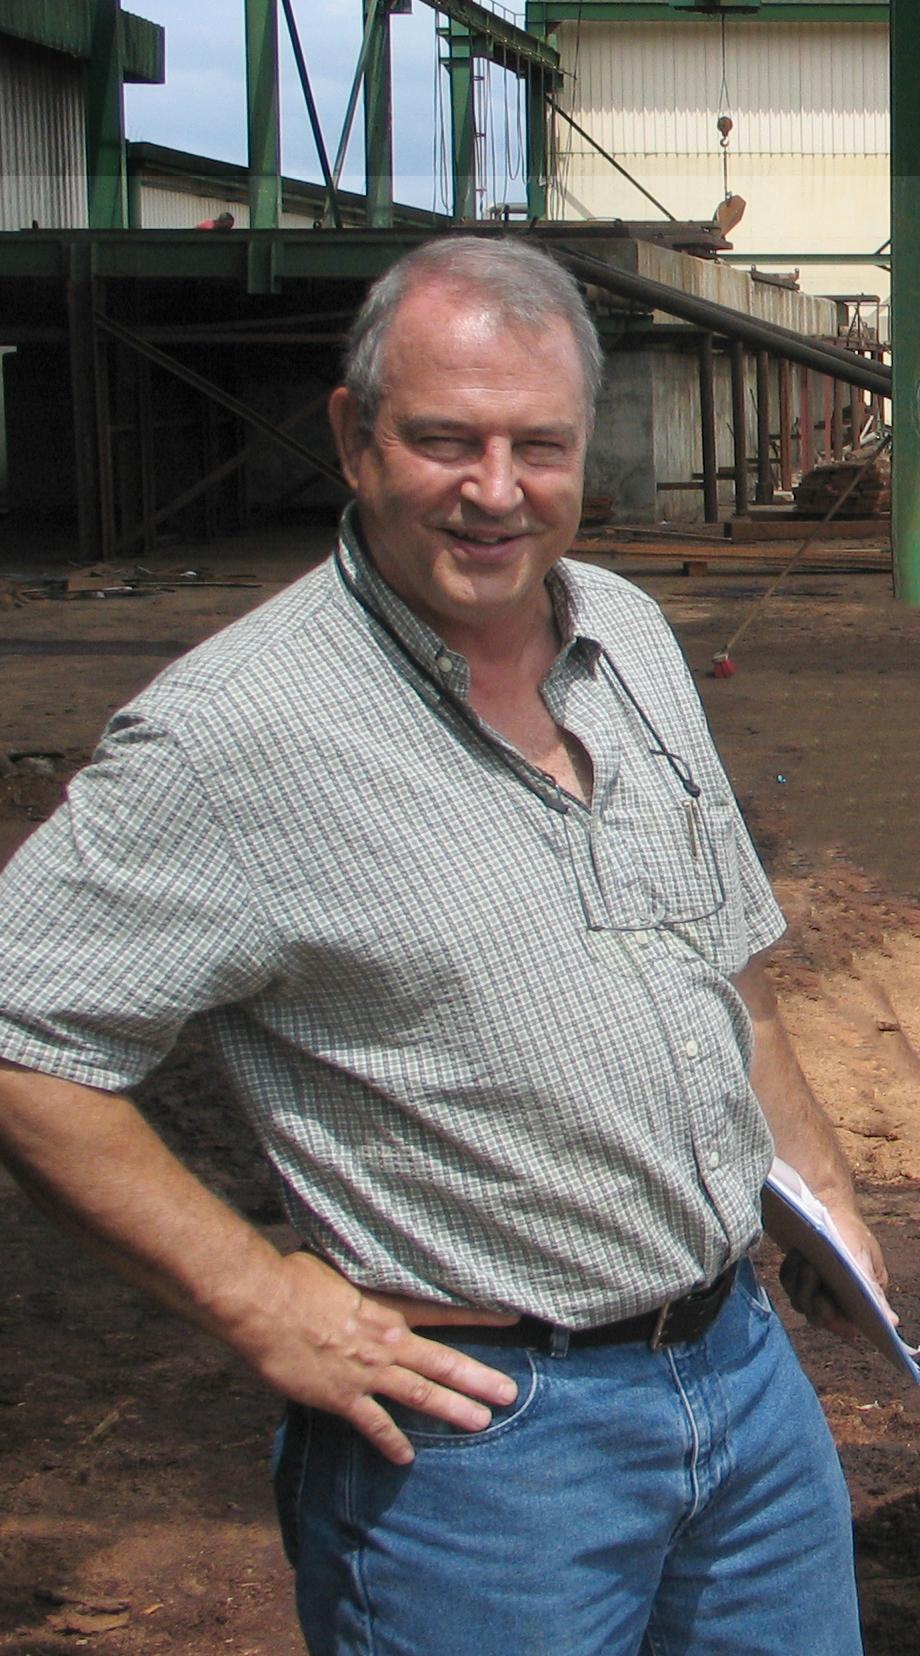 Rick Banas